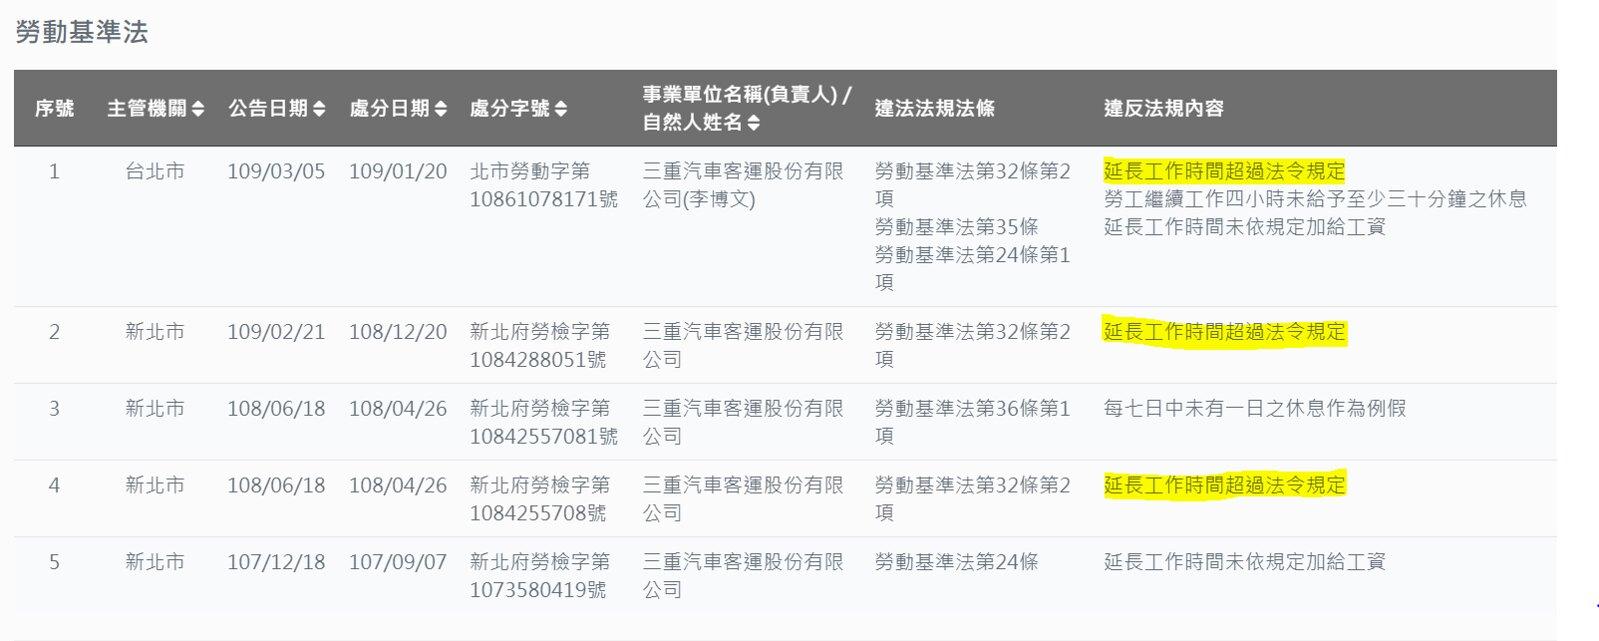 三重客運違反《勞基法》裁罰紀錄。(取自違反勞動法令事業單位(雇主)查詢系統)